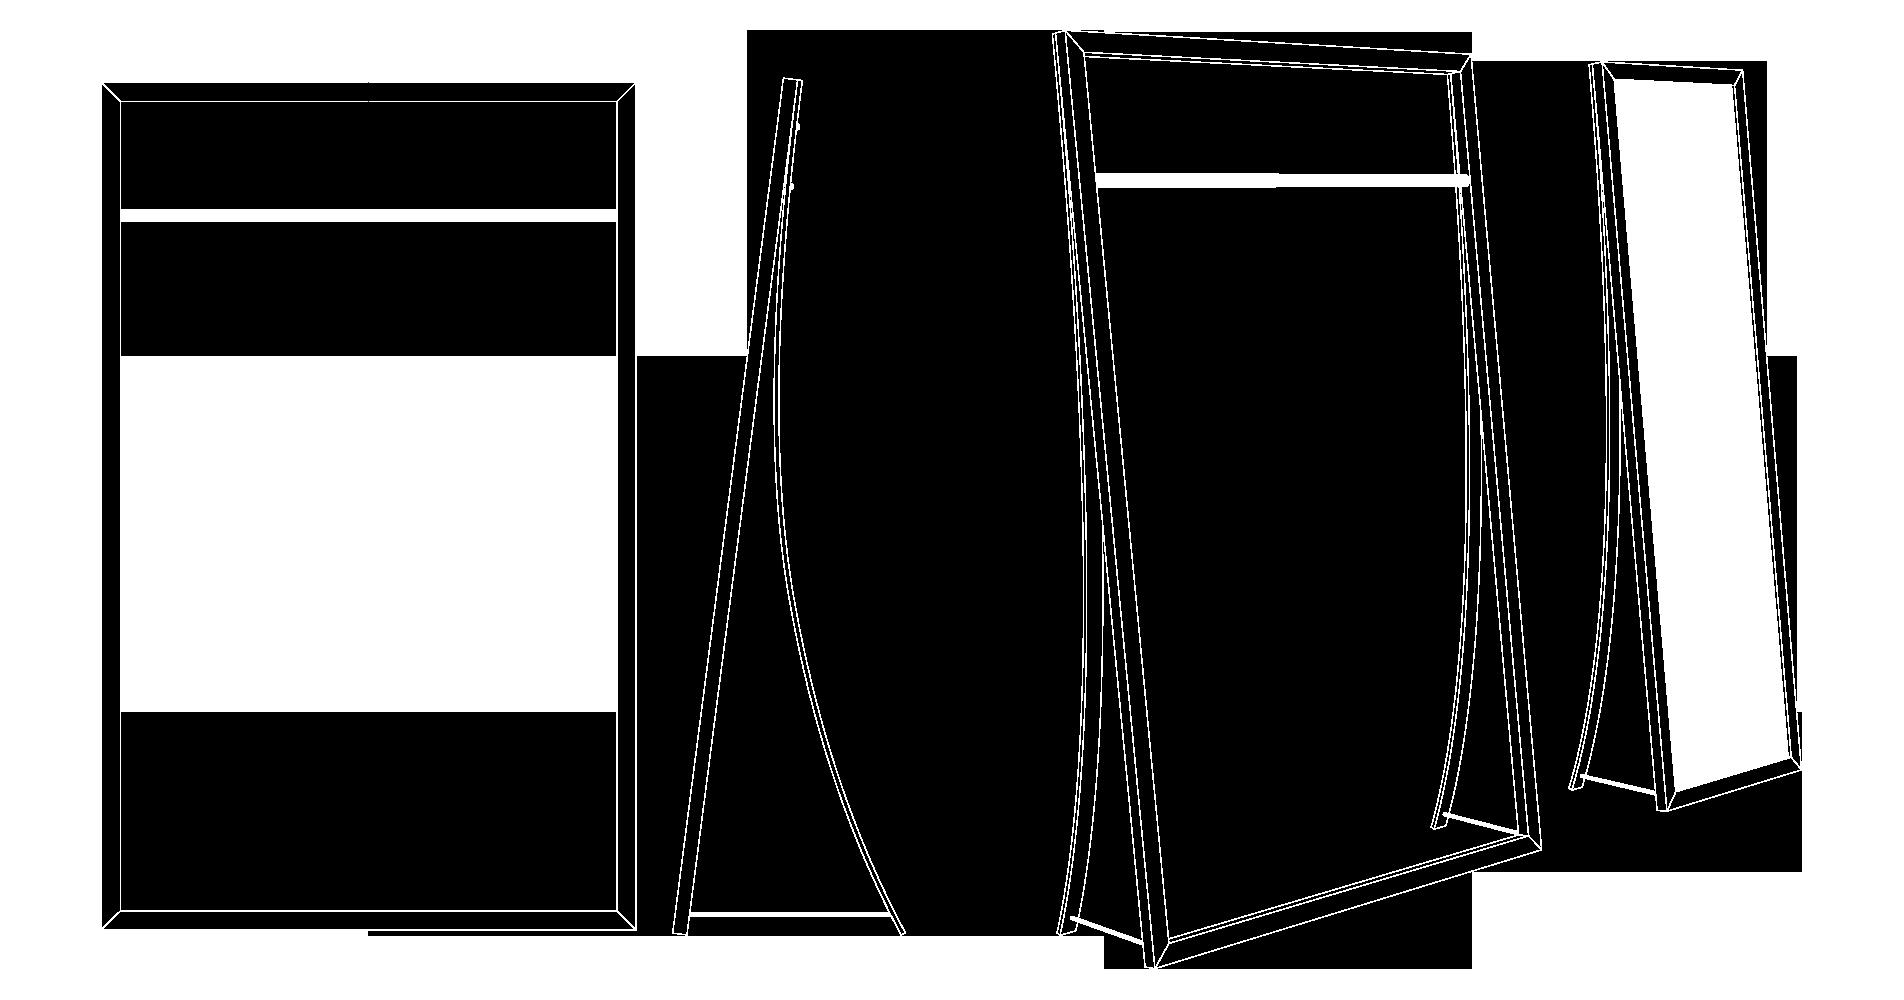 Framed_tech_new1